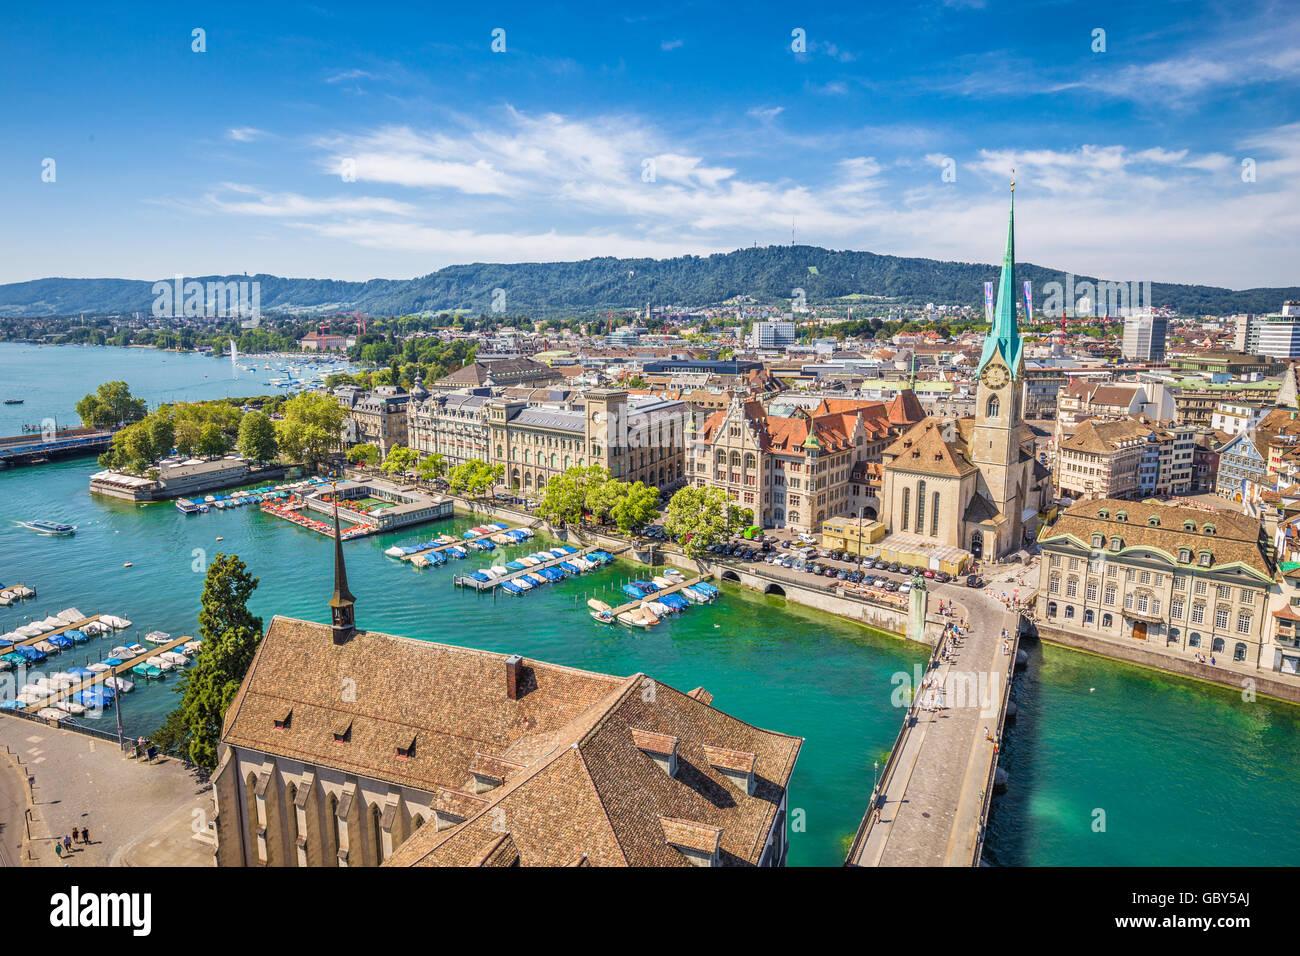 Vista aerea del centro di Zurigo con la famosa Chiesa di Fraumuenster e fiume Limmat presso il lago di Zurigo da Immagini Stock